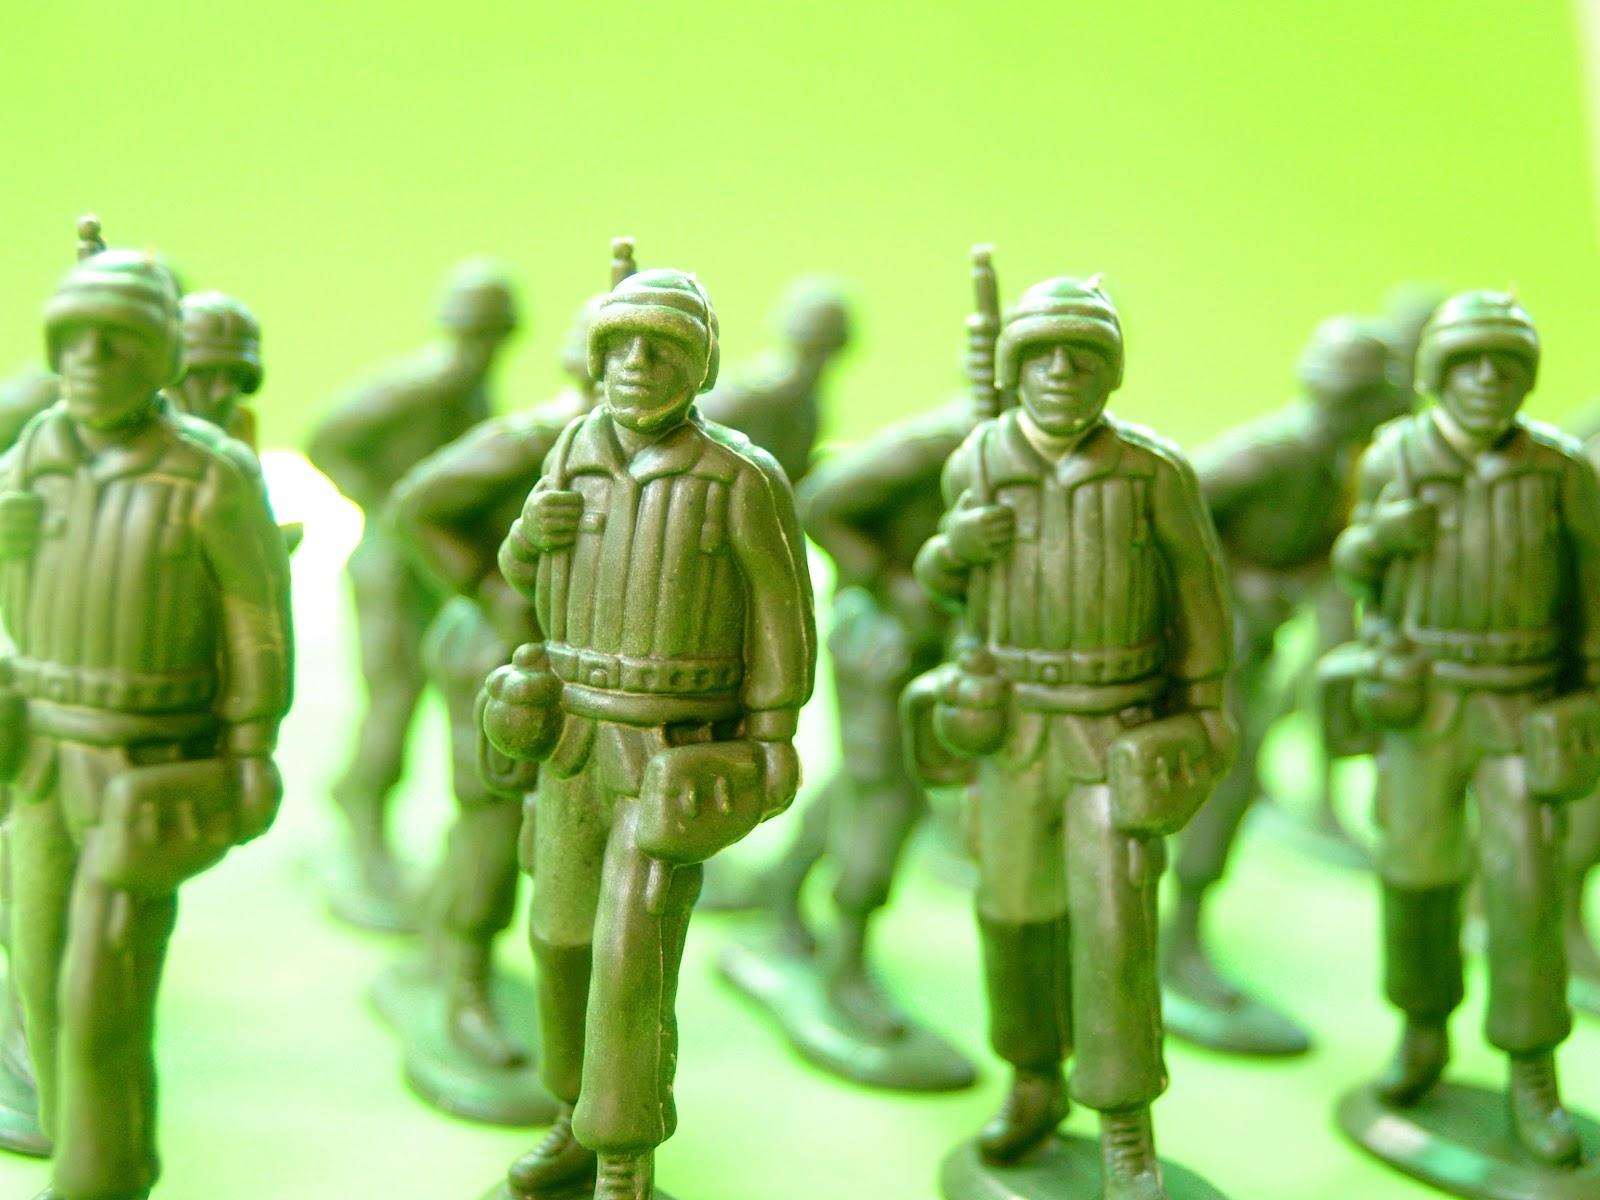 חיילי צעצוע ירוקים